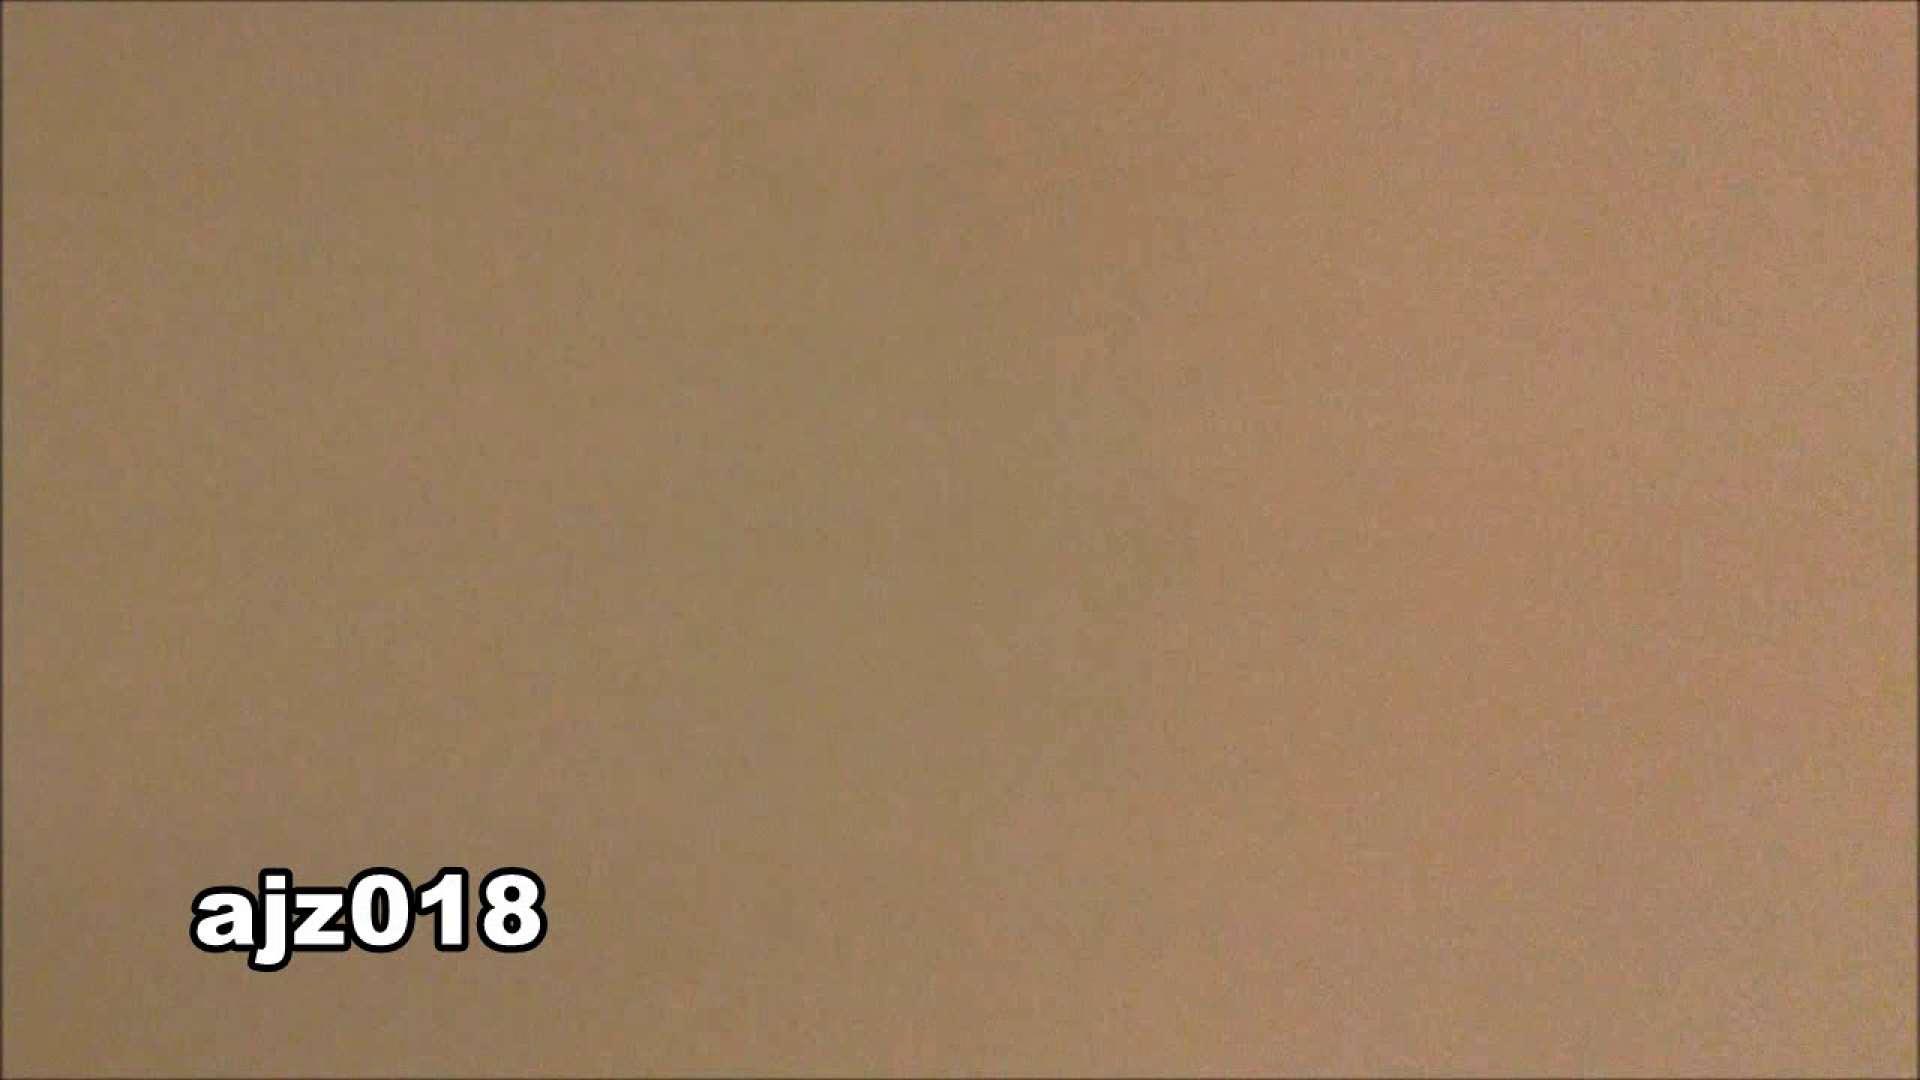 某有名大学女性洗面所 vol.18 OL女体  79連発 48